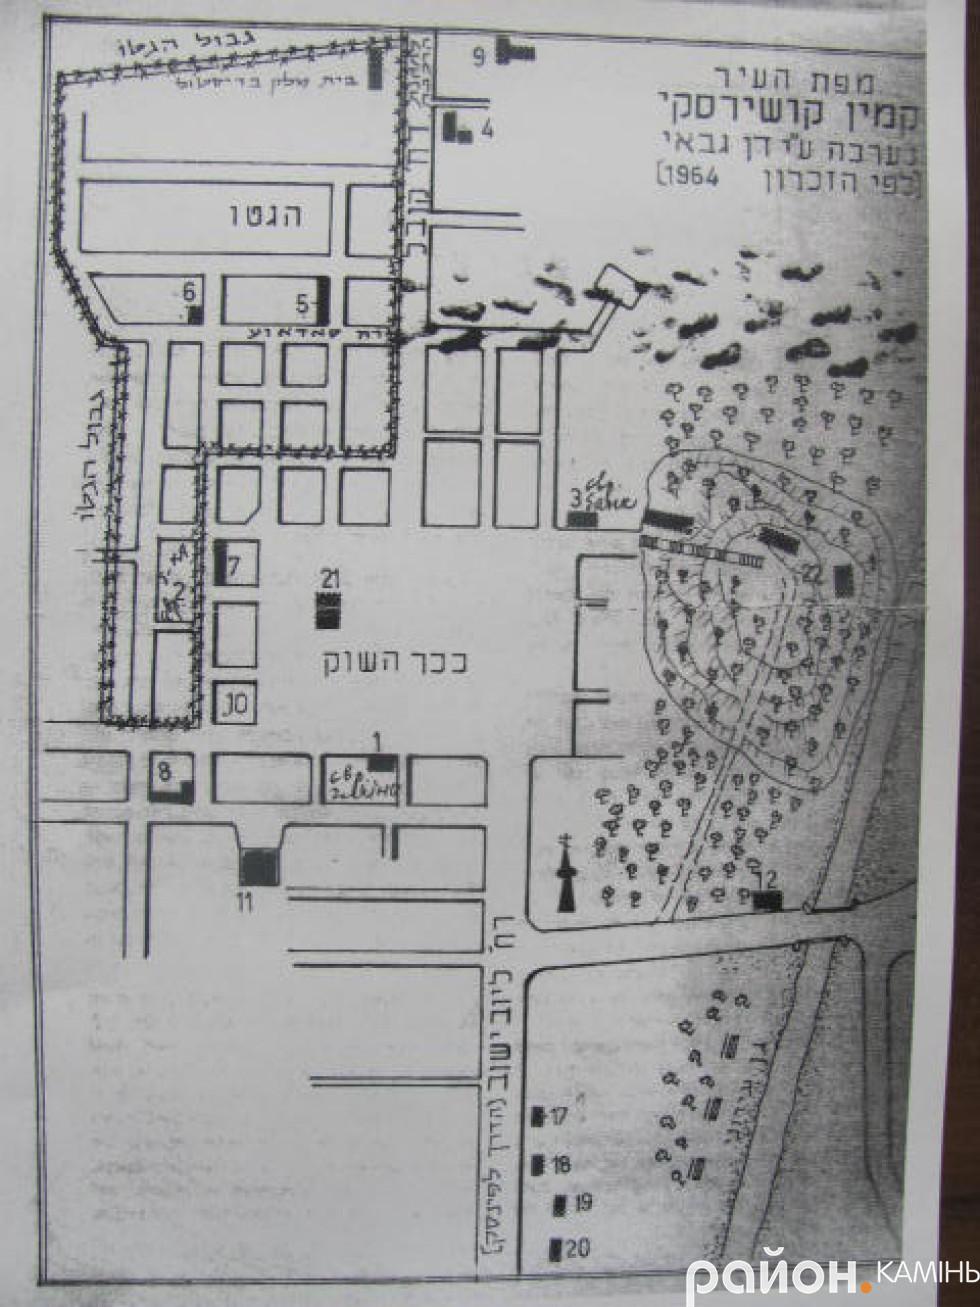 Схема гетто у Камені-Каширському  8- синагога Тріскера, 5 - Стефанівська синагога на початку сучасної Торгової,  7 - міква (єврейська ритуальна лазня). 21- дім людовий (тепер - будинок культури)